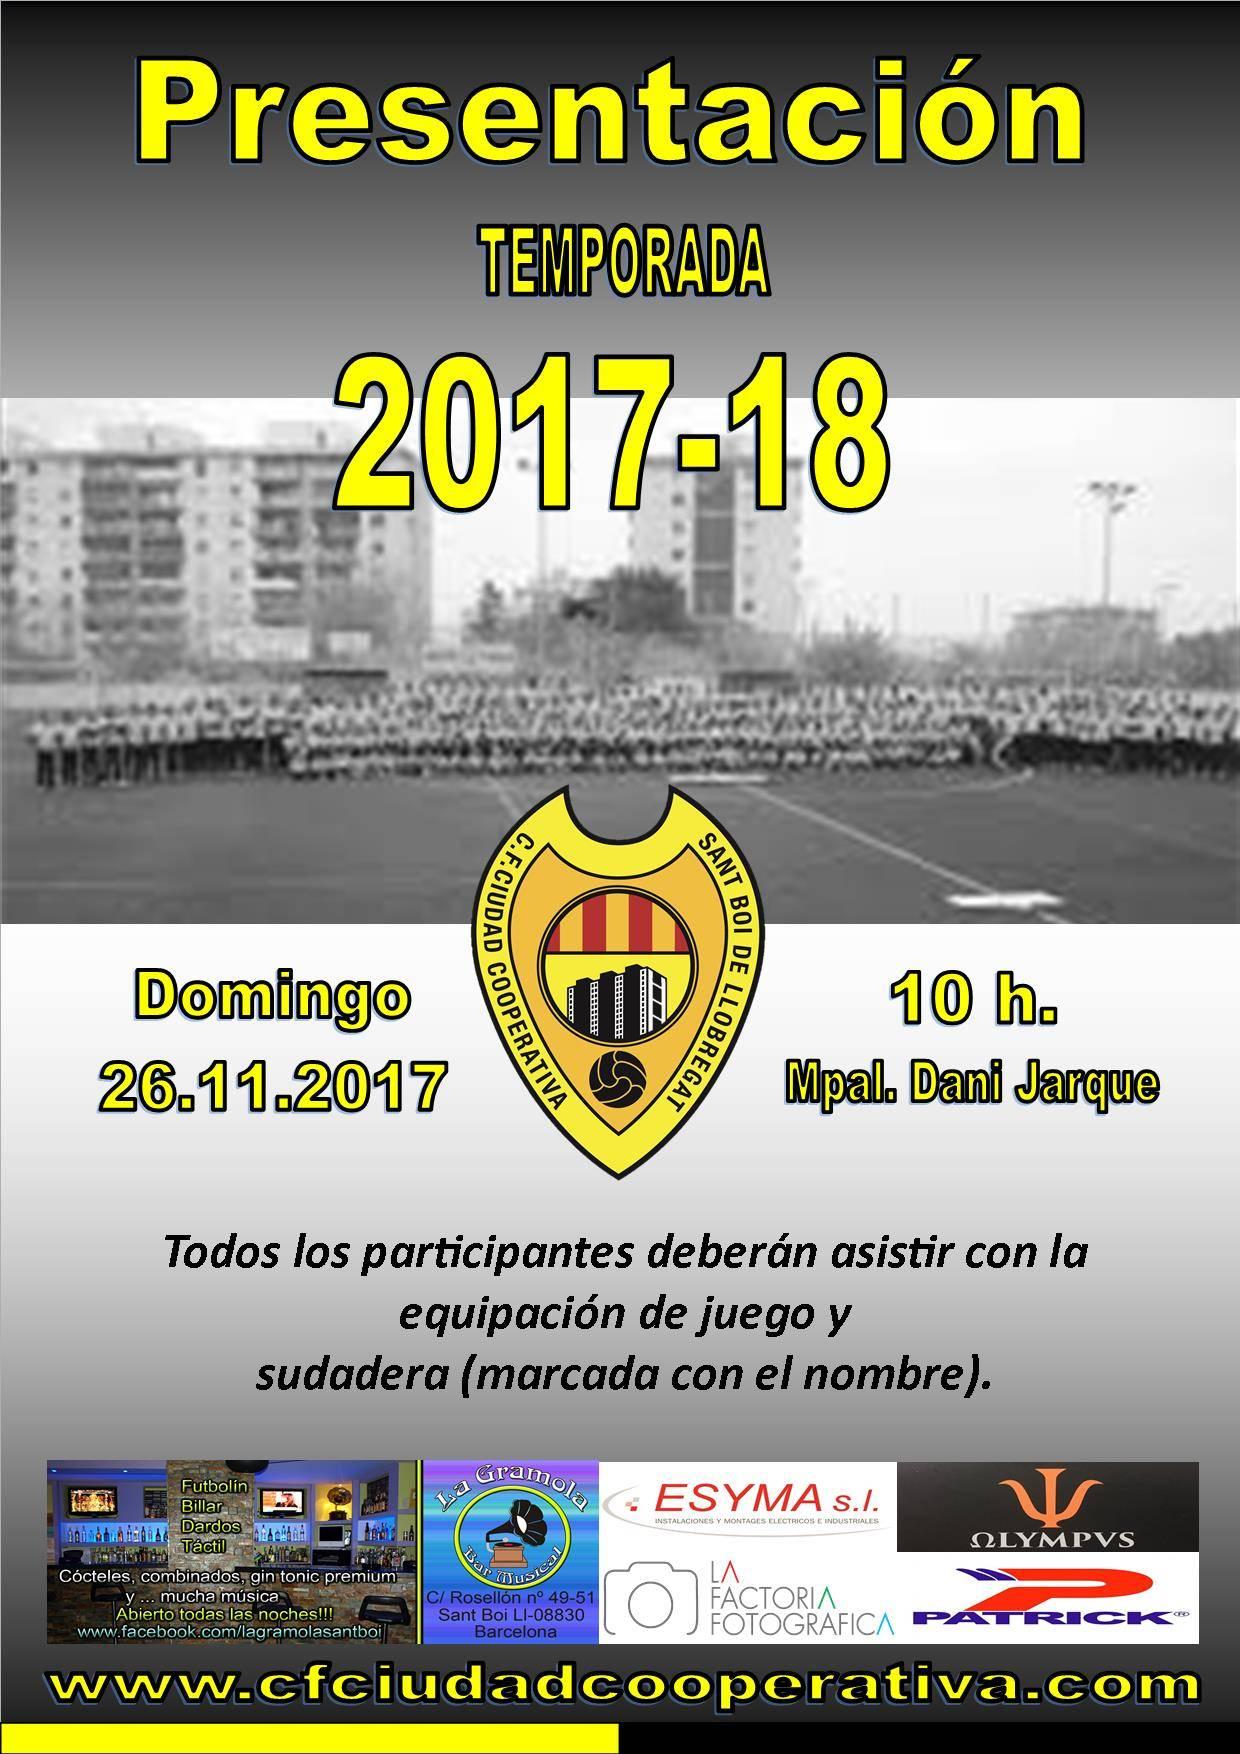 Presentación Temporada 2017/18